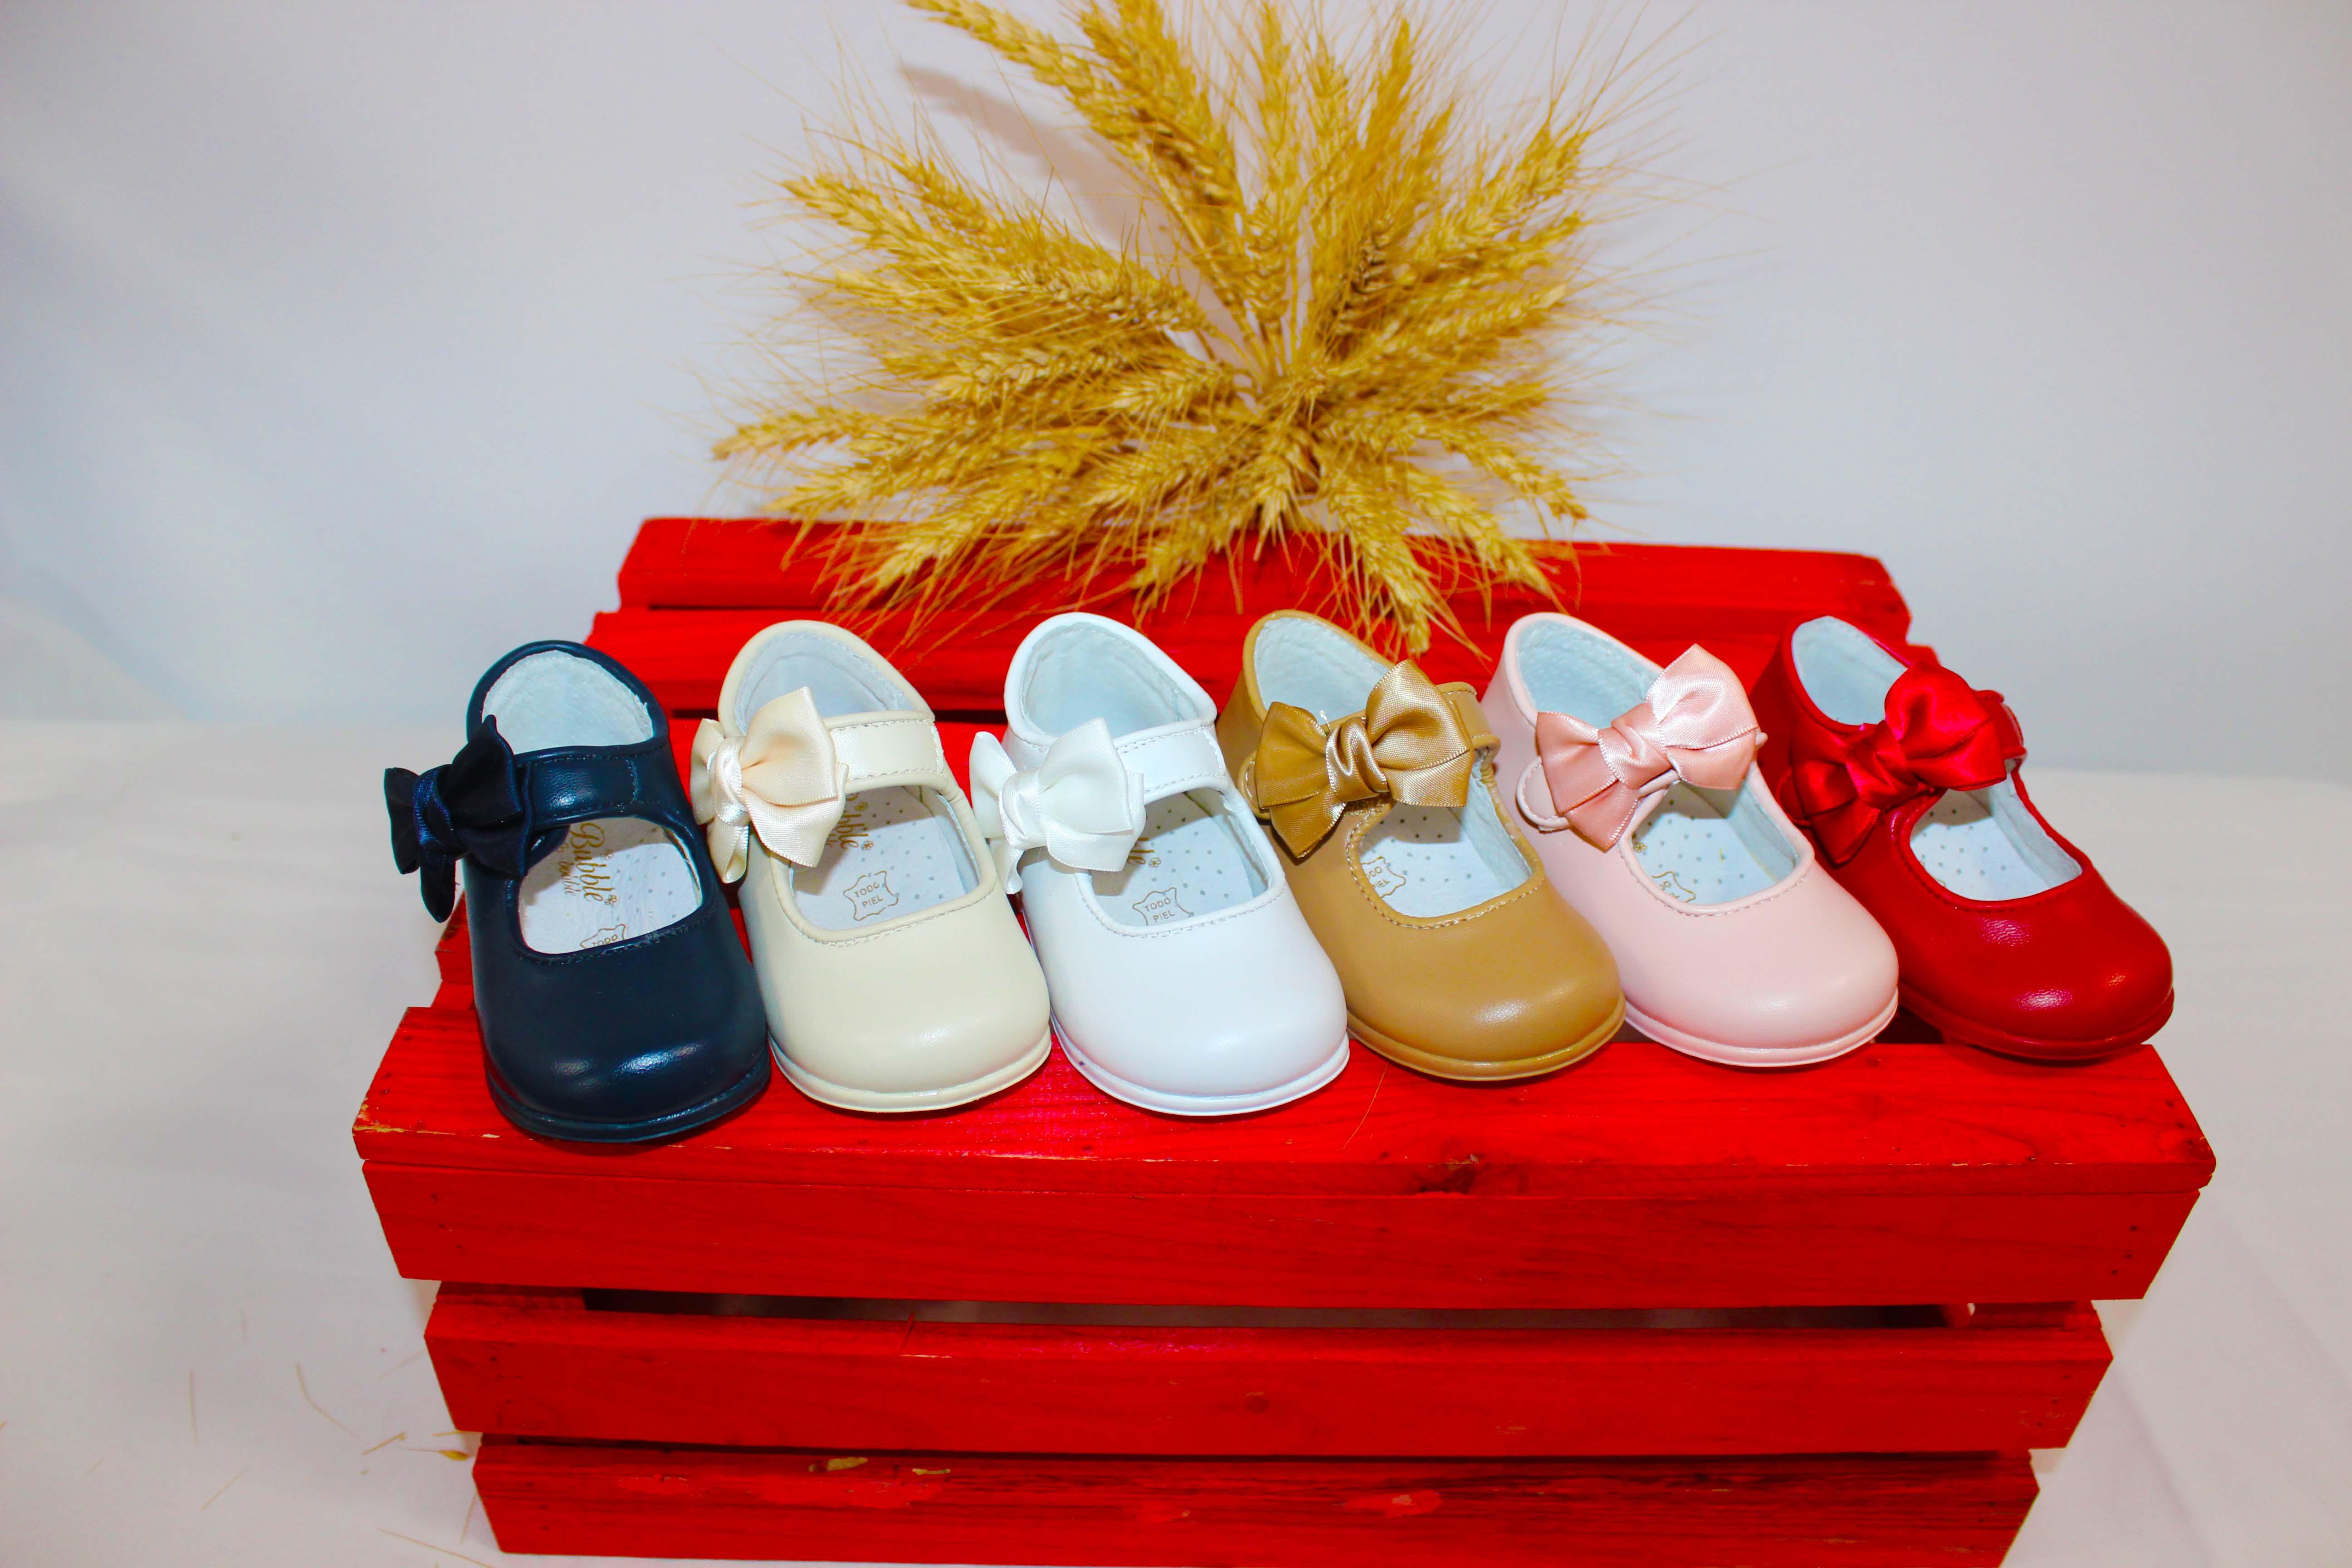 ca686999e Mercheritas - Calzado Infantil de calidad 100% fabricado en España